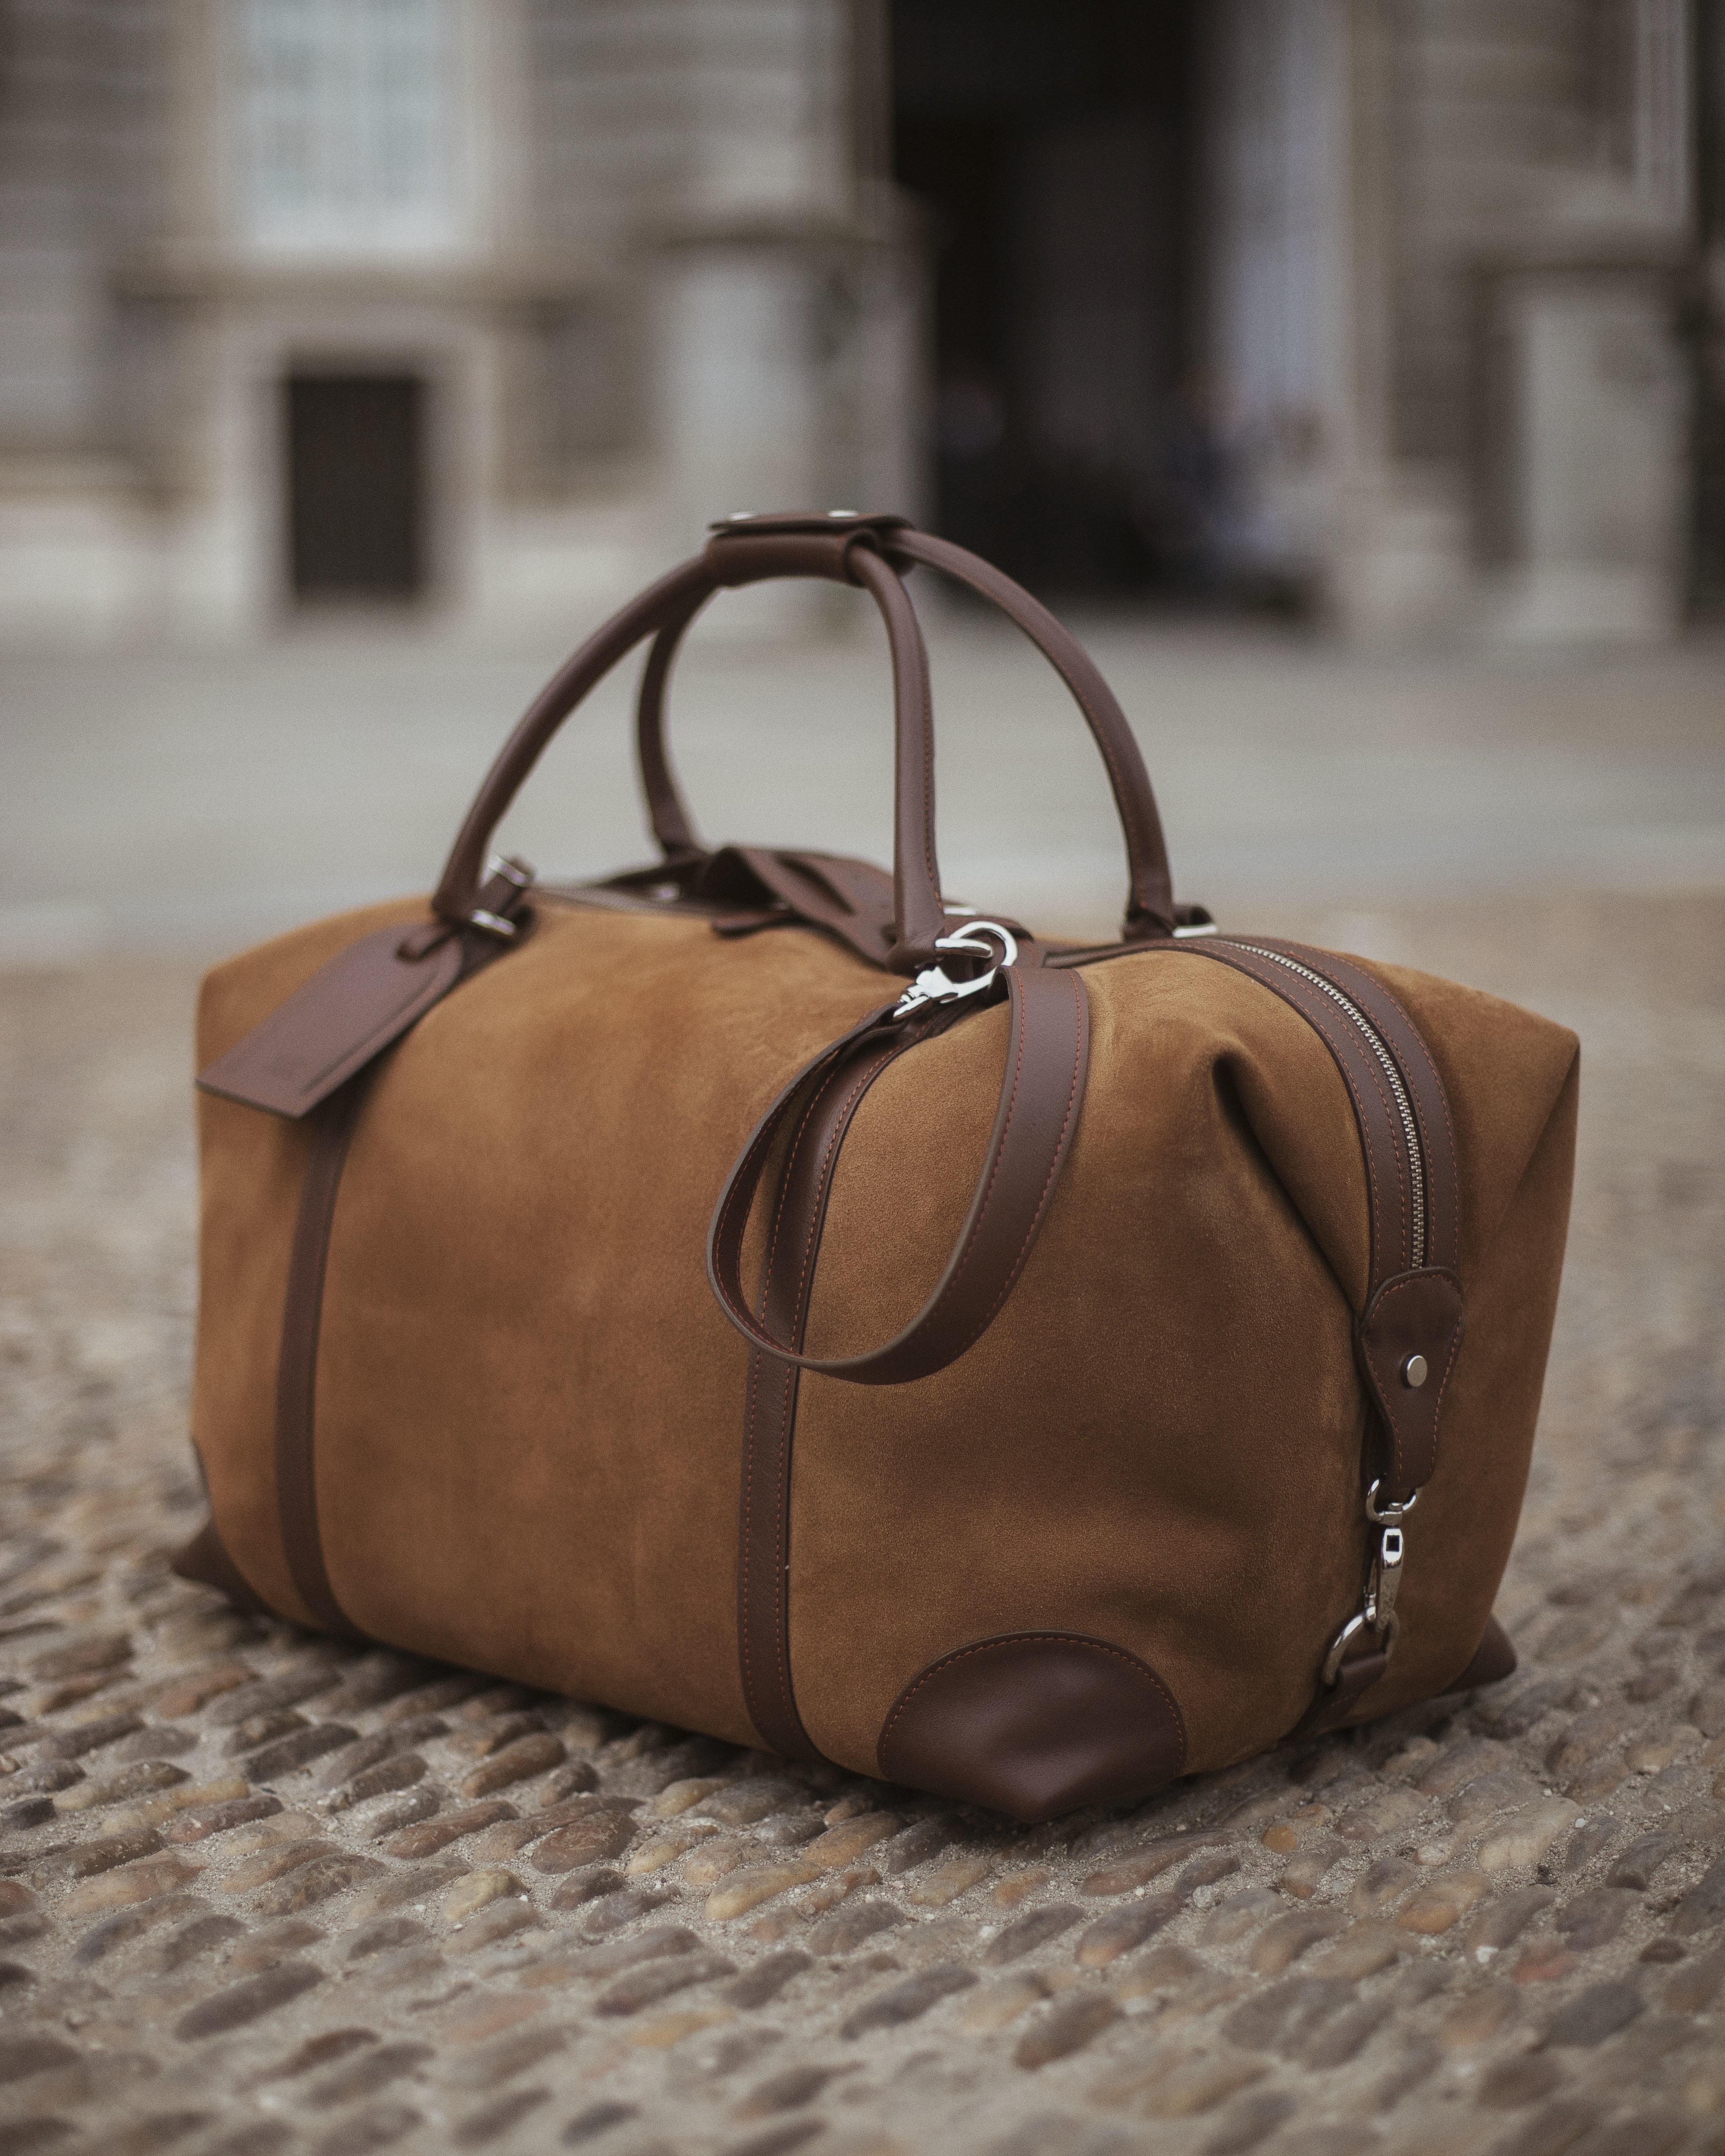 Nagara, date un capricho: bolsas de viaje elegantes y